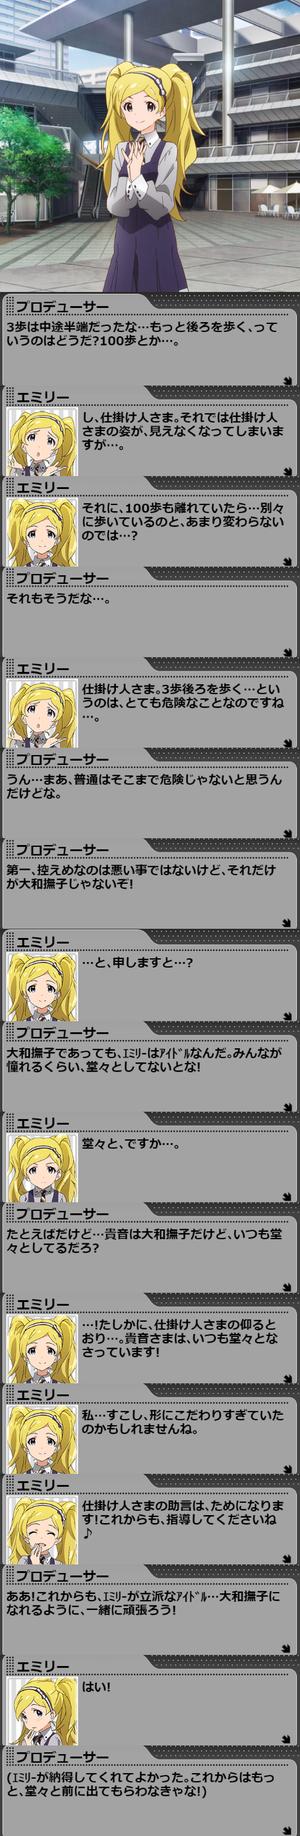 エミリー3